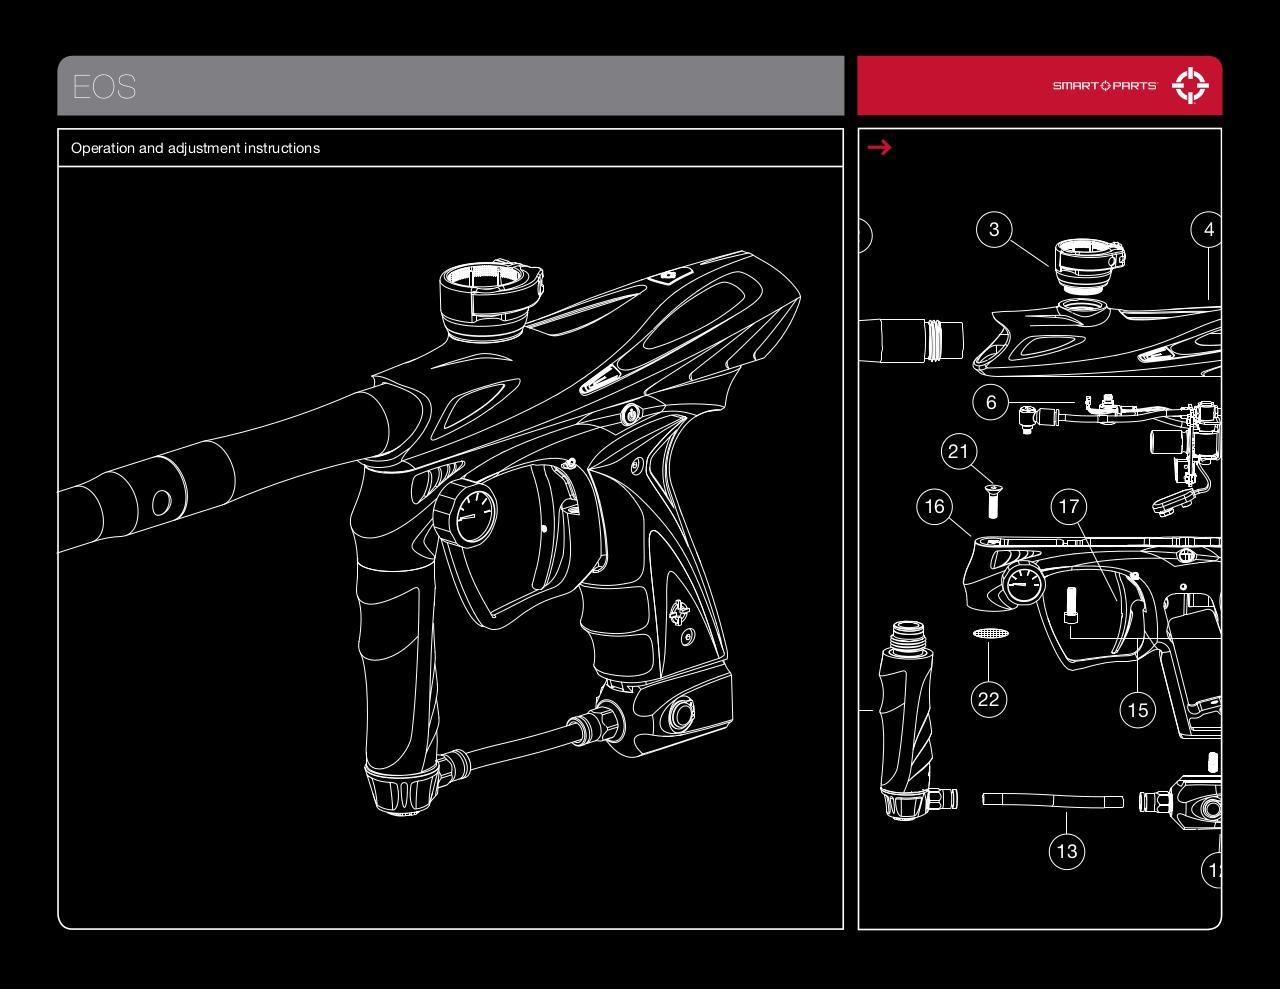 EOS - 30 septembre 2021 - Fichier PDF